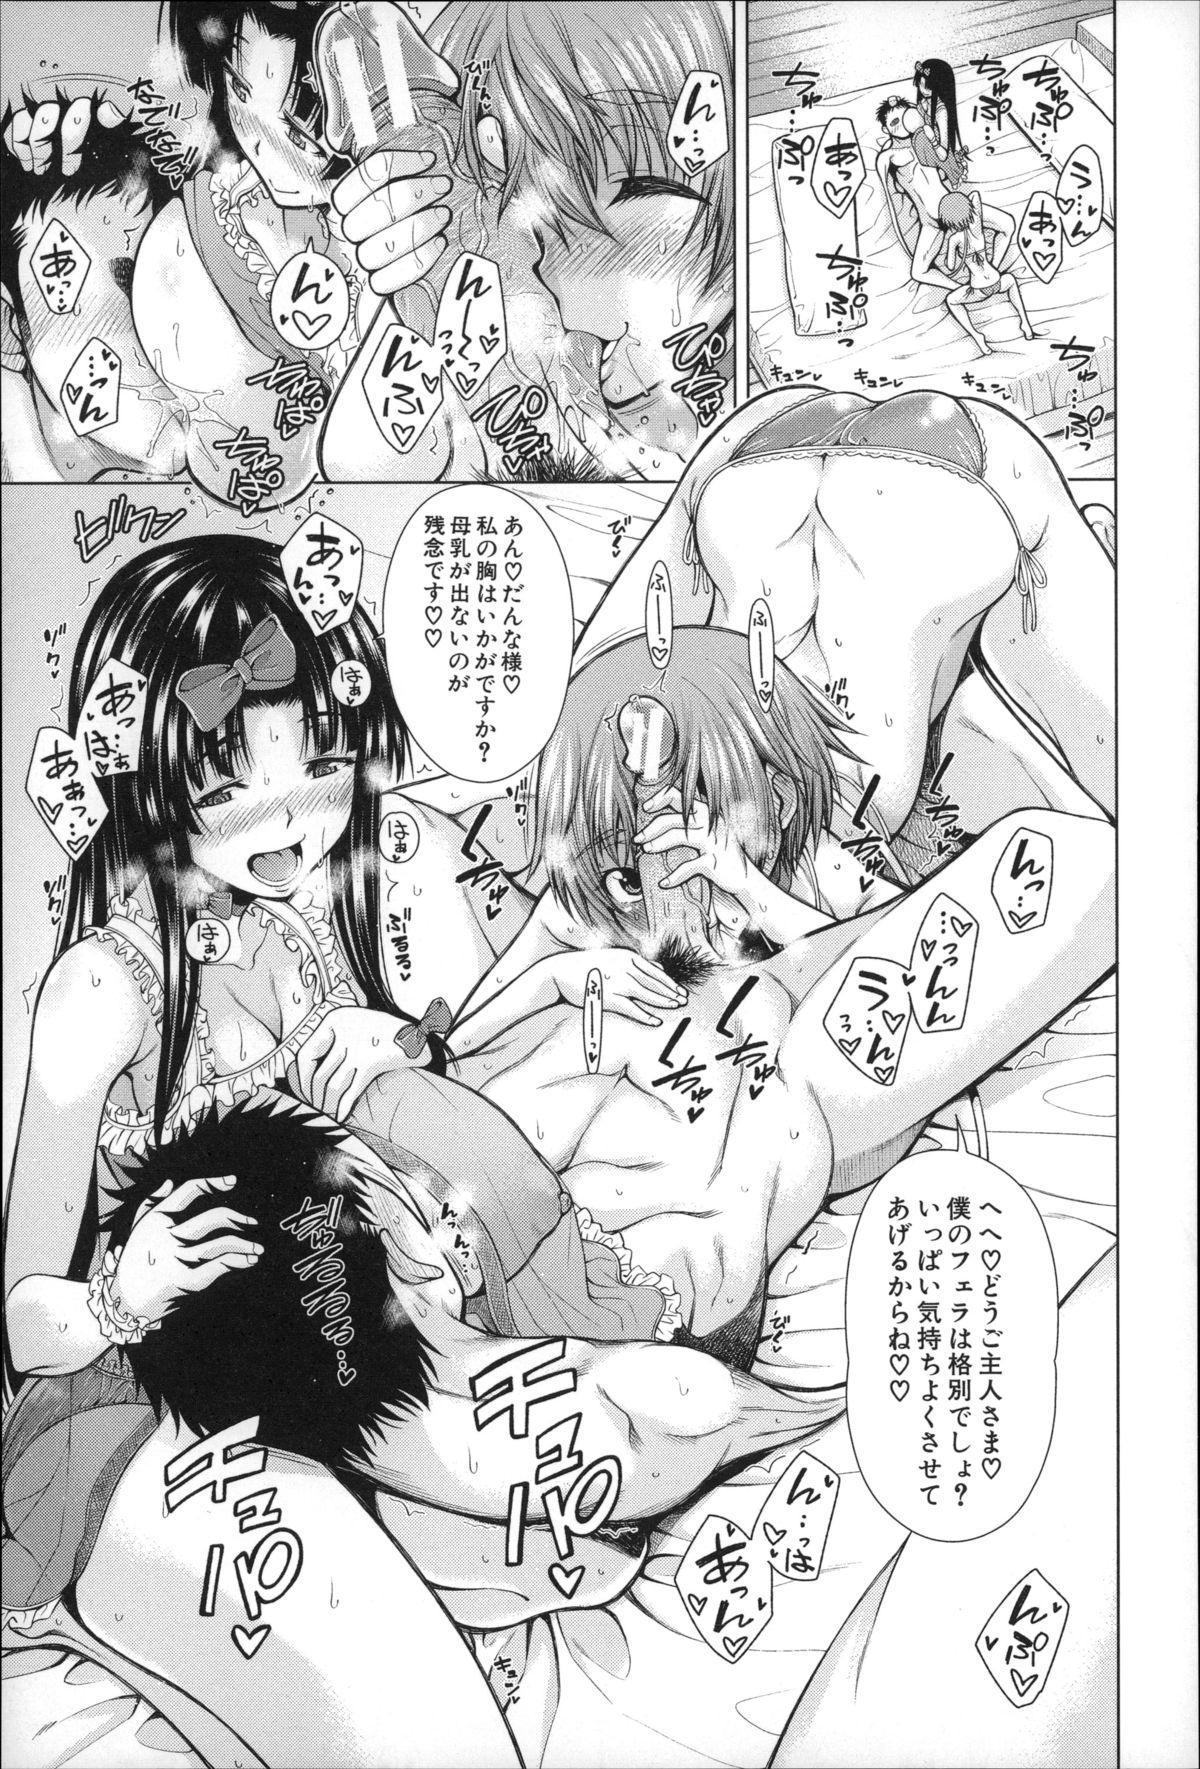 Migite ga Bishoujo ni Natta kara Sex Shita kedo Doutei dayone!! 63